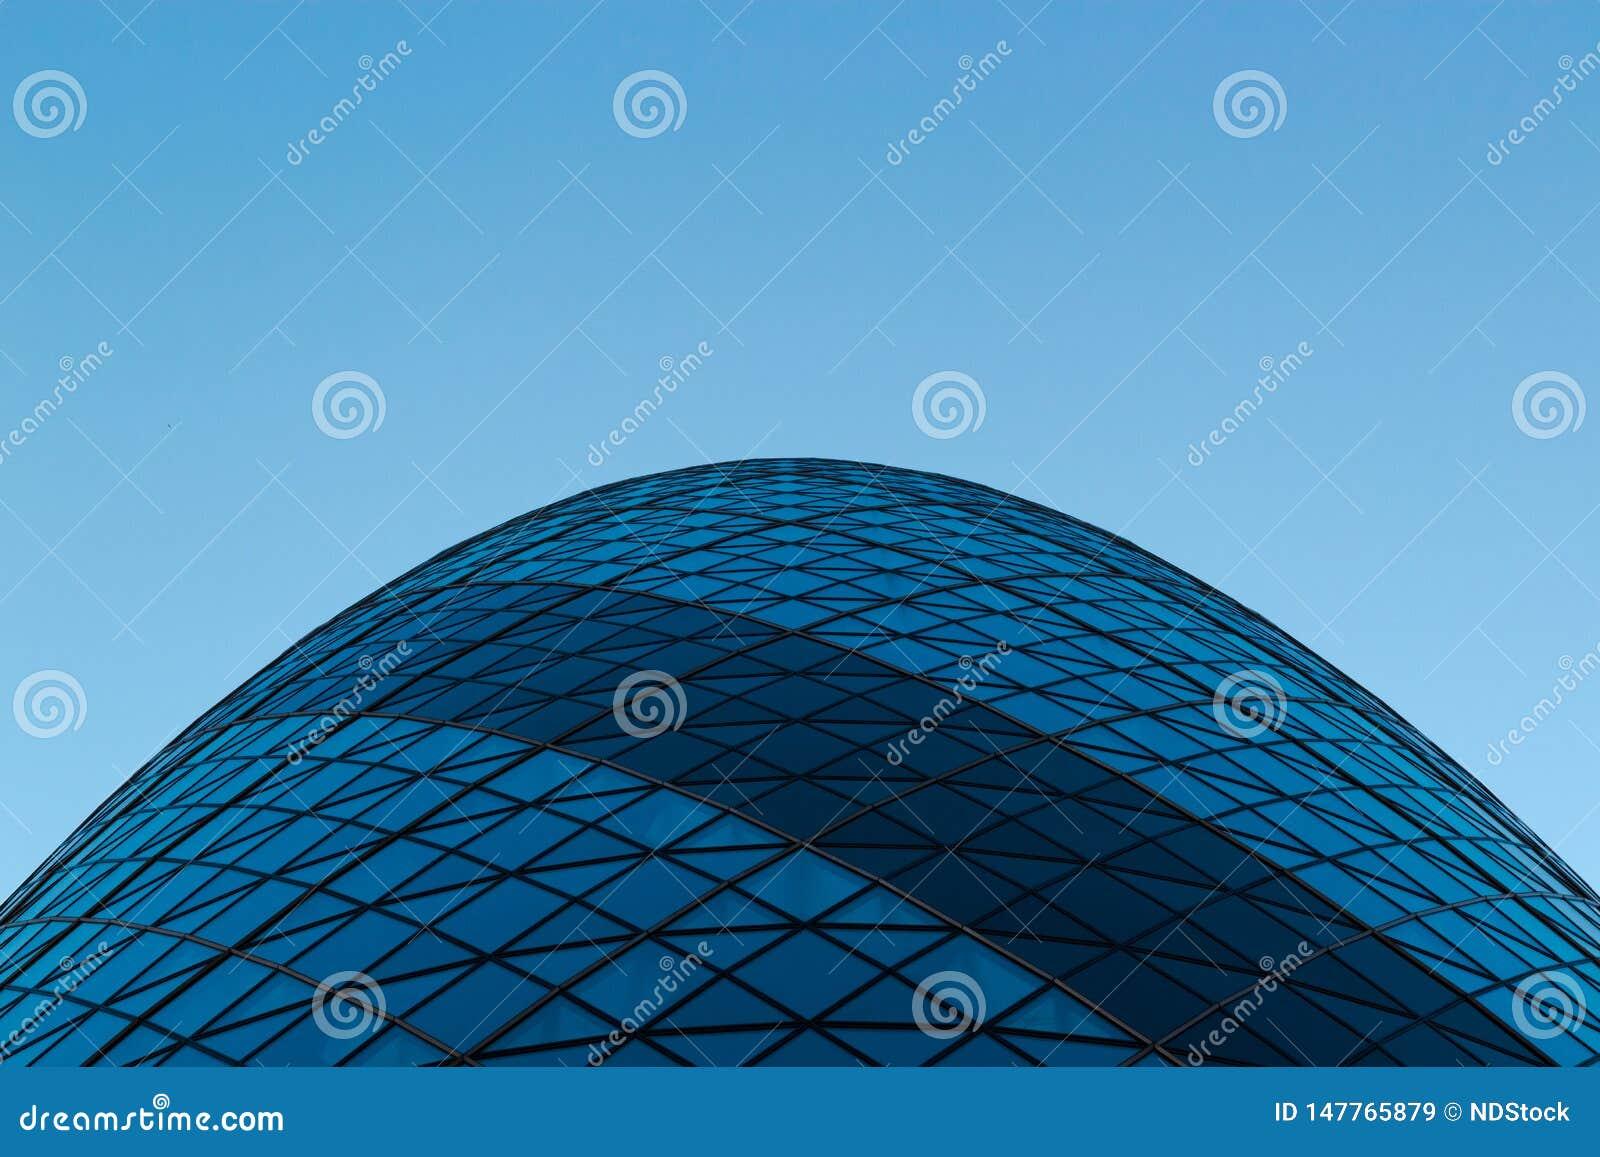 Sir Norman Foster Building The Gherkin Imagem de baixo de